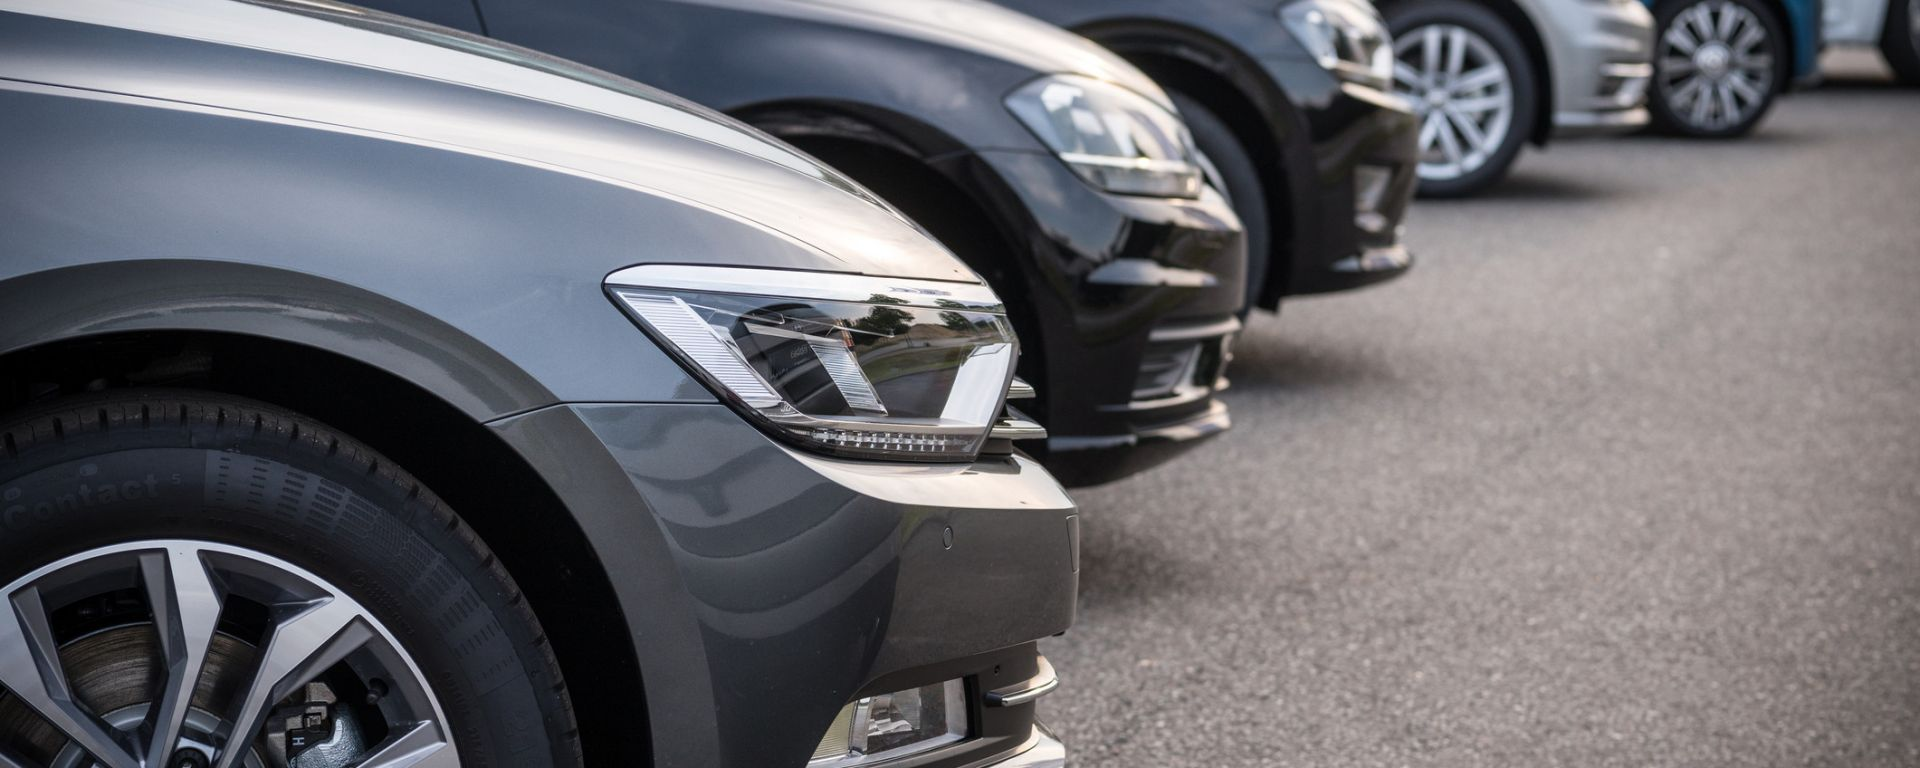 Mercato auto, segno meno anche a febbraio 2021